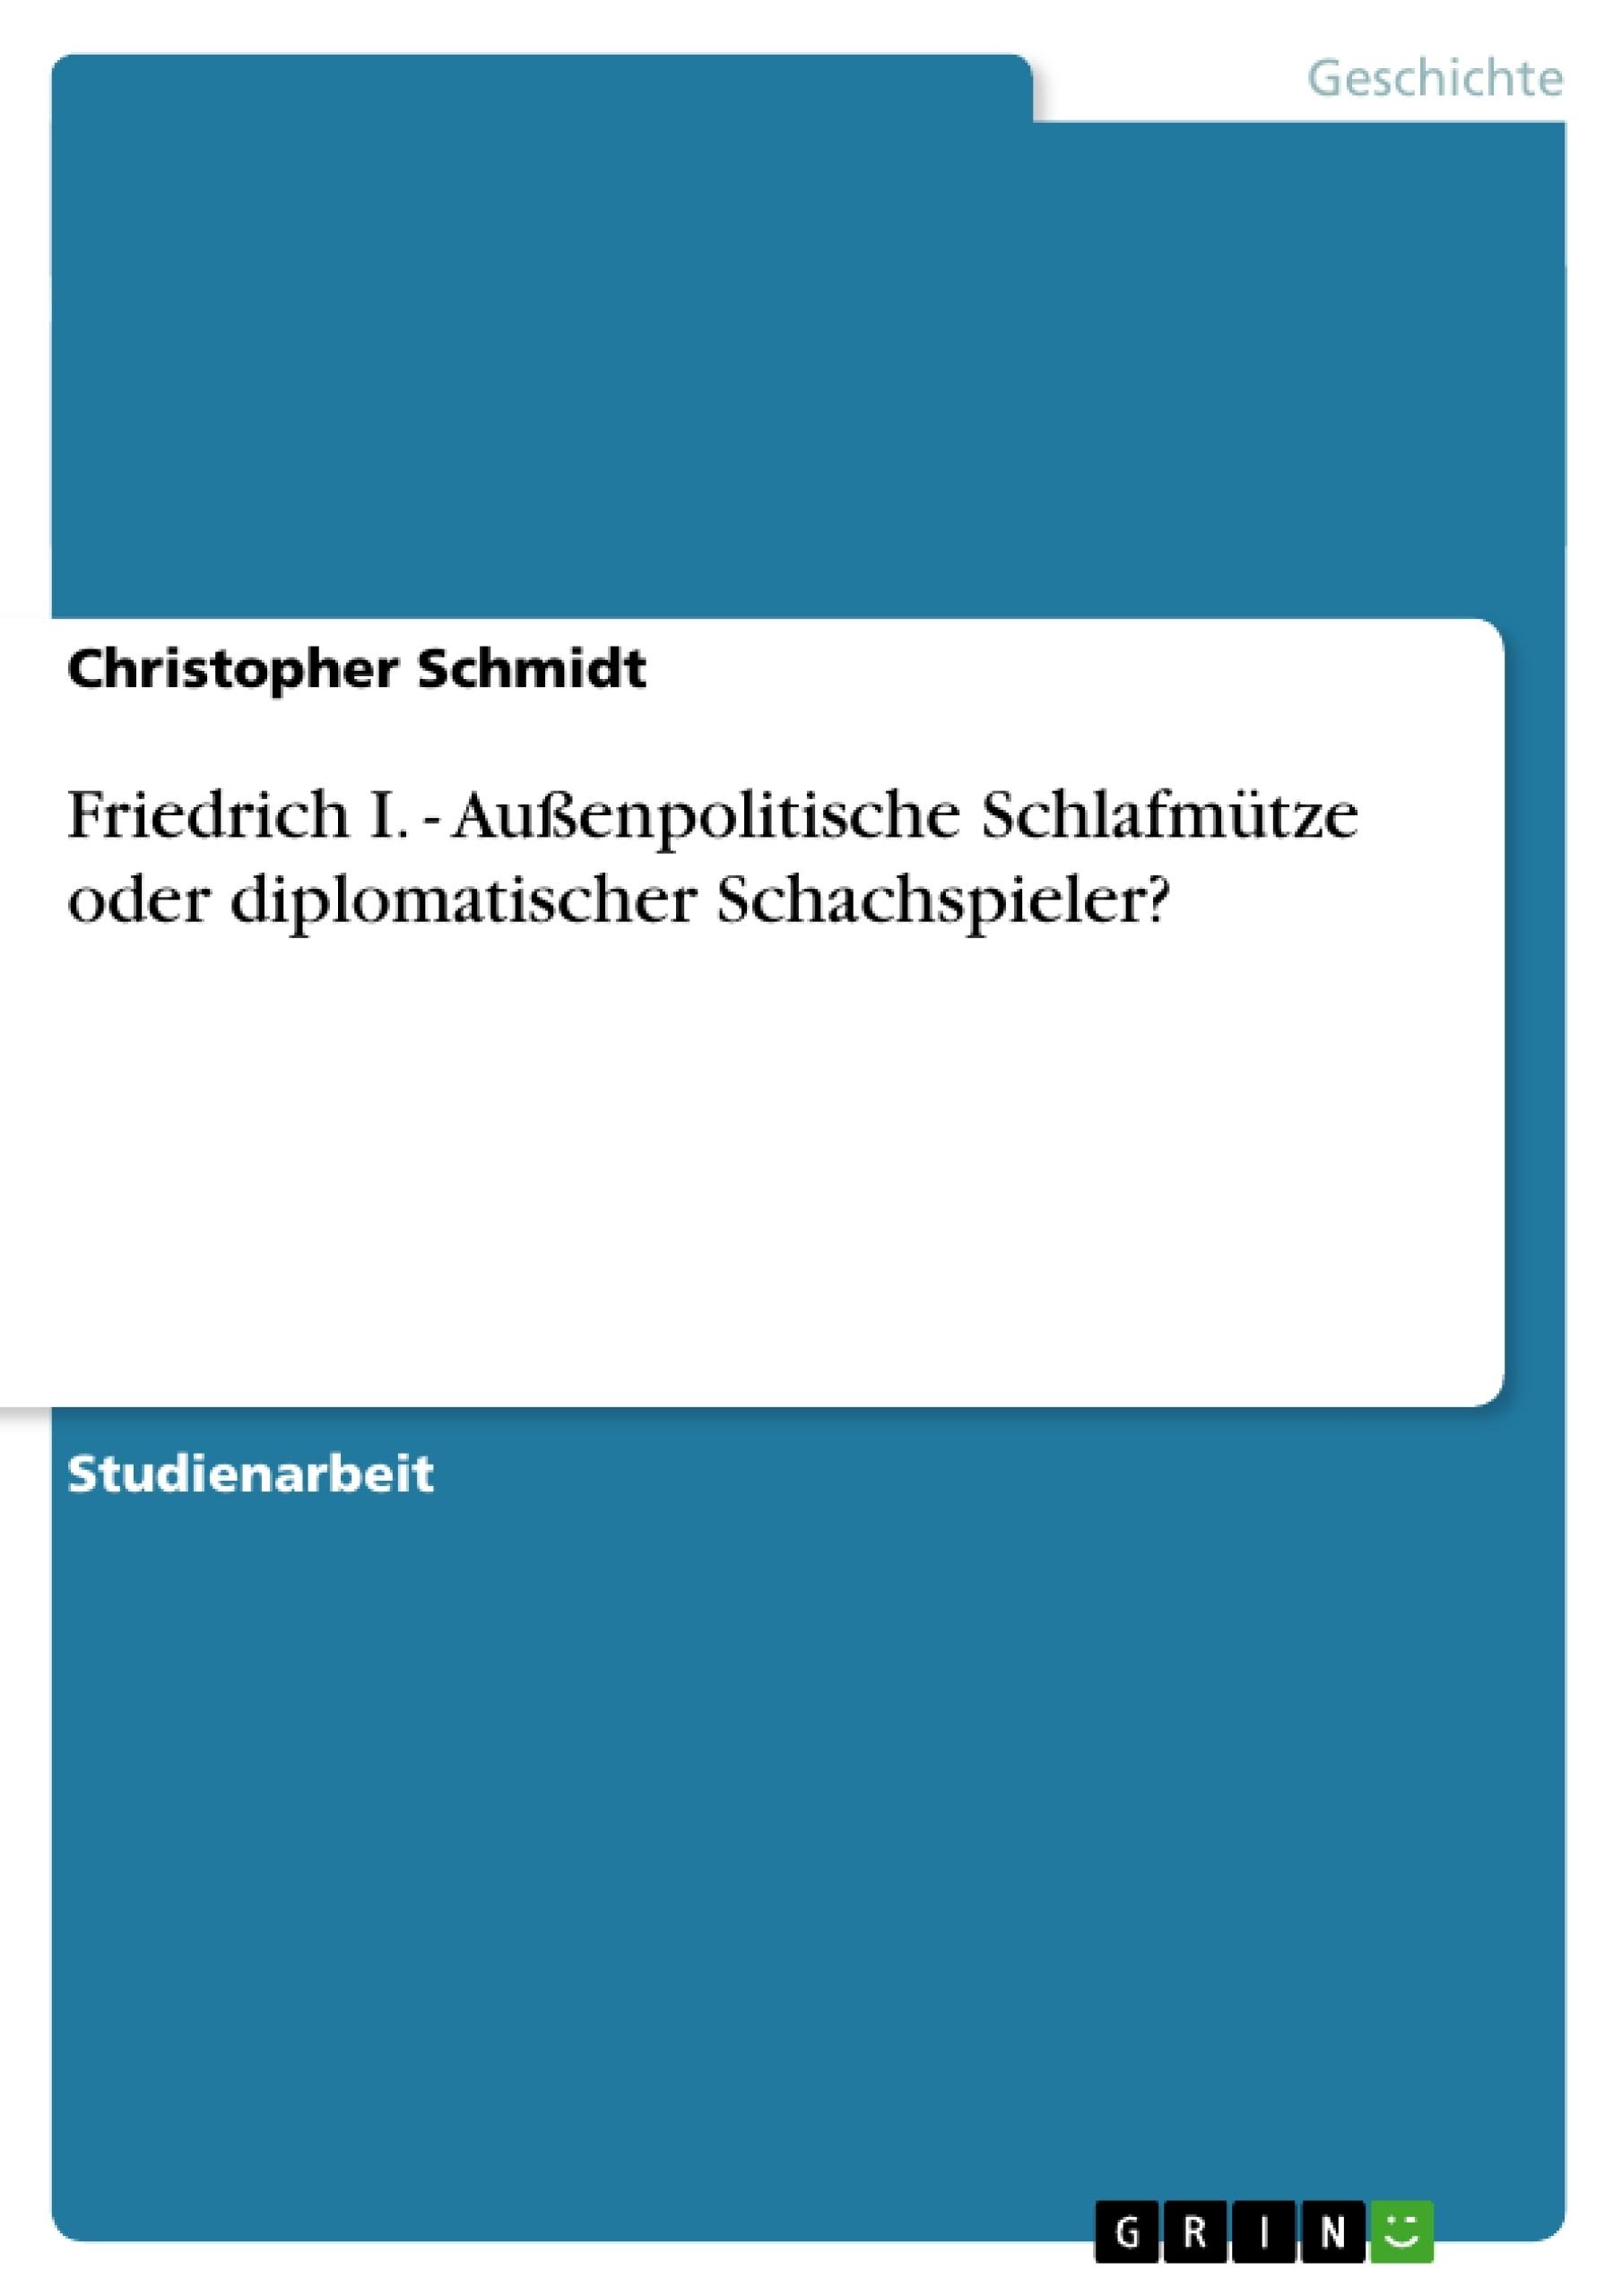 Titel: Friedrich I. - Außenpolitische Schlafmütze oder diplomatischer Schachspieler?